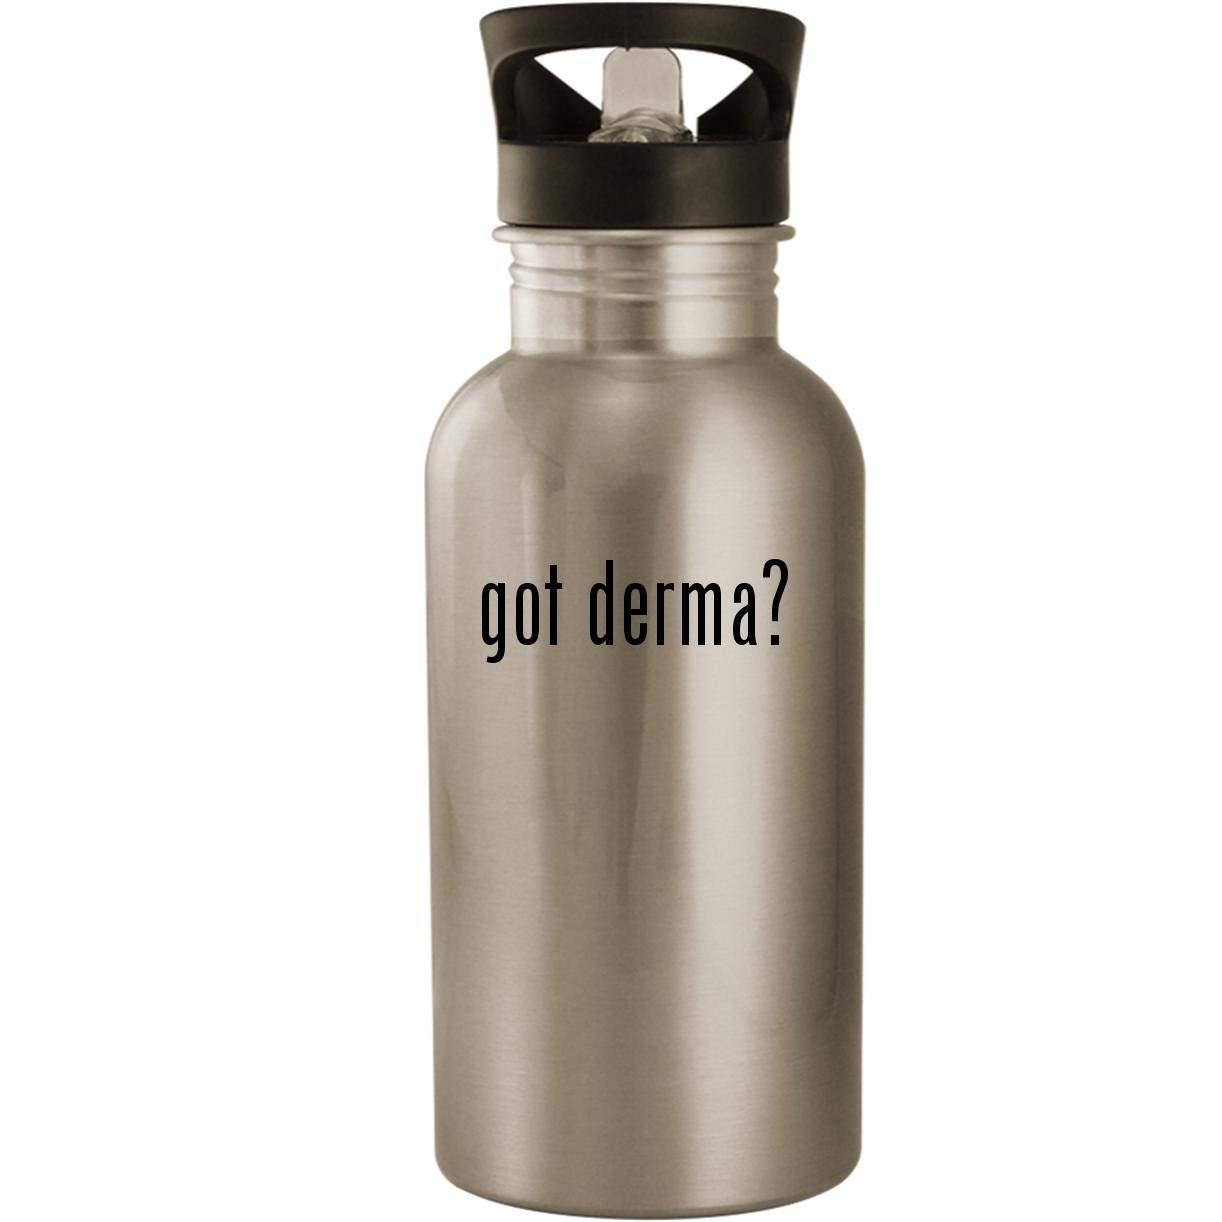 got derma? - Stainless Steel 20oz Road Ready Water Bottle, Silver